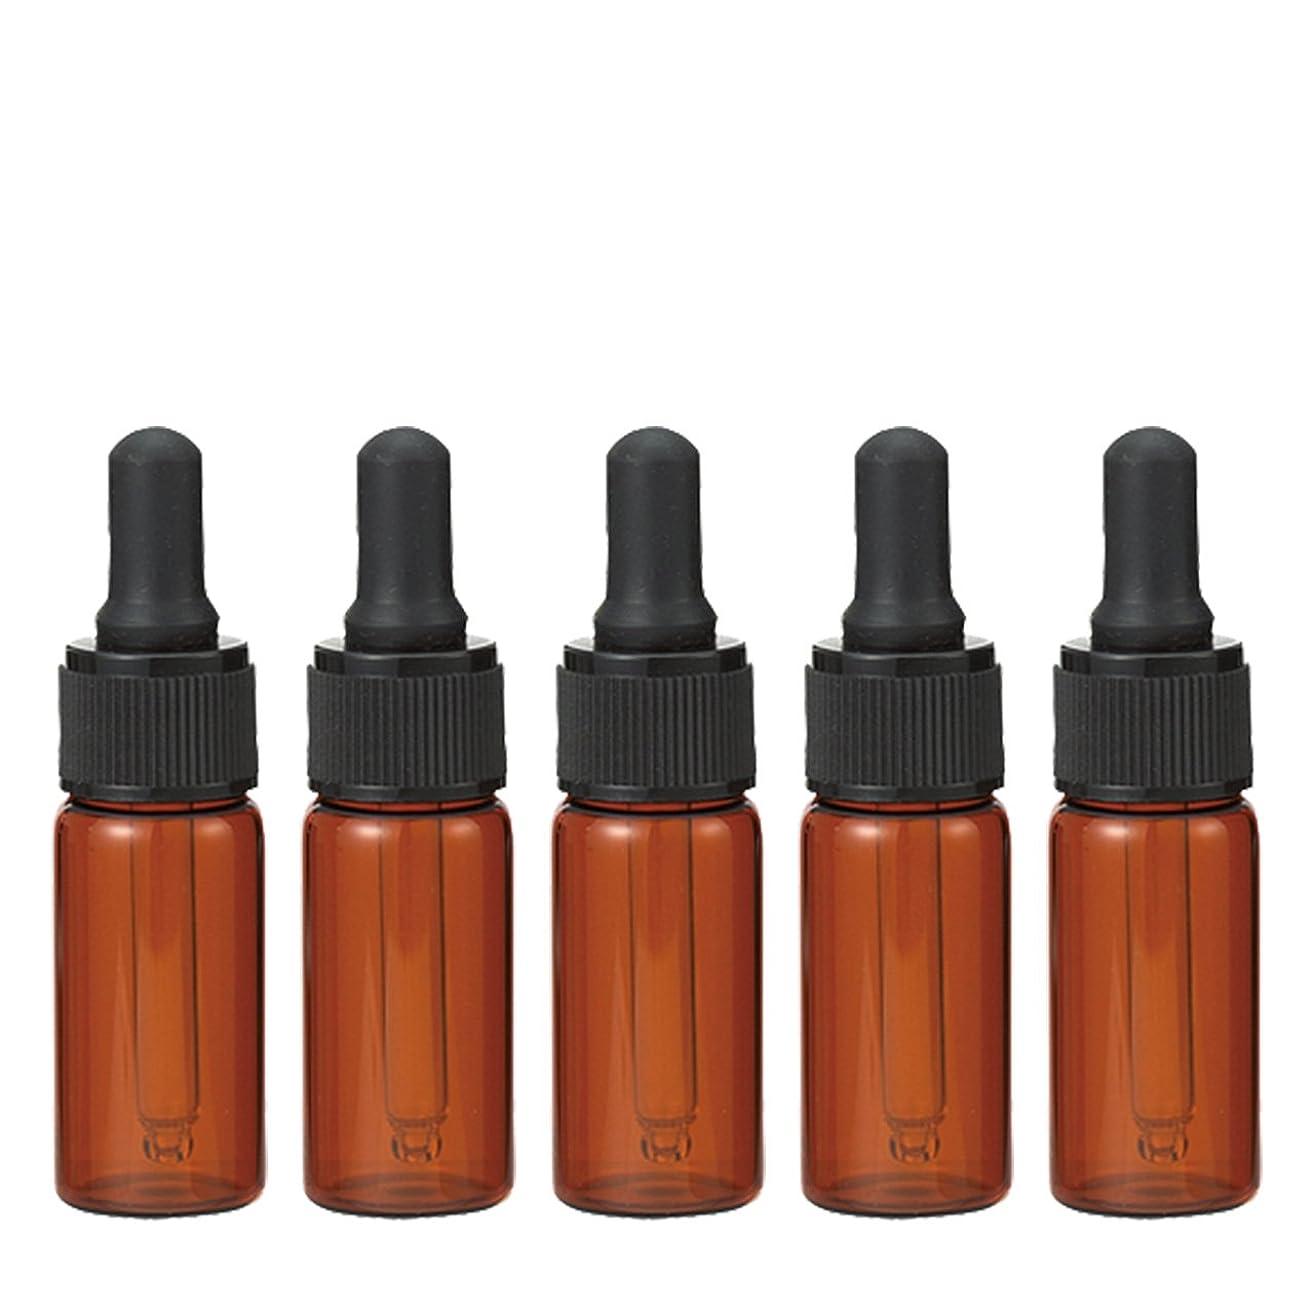 かき混ぜるハミングバード好き生活の木 茶色遮光スポイト瓶 10ml (5本セット)